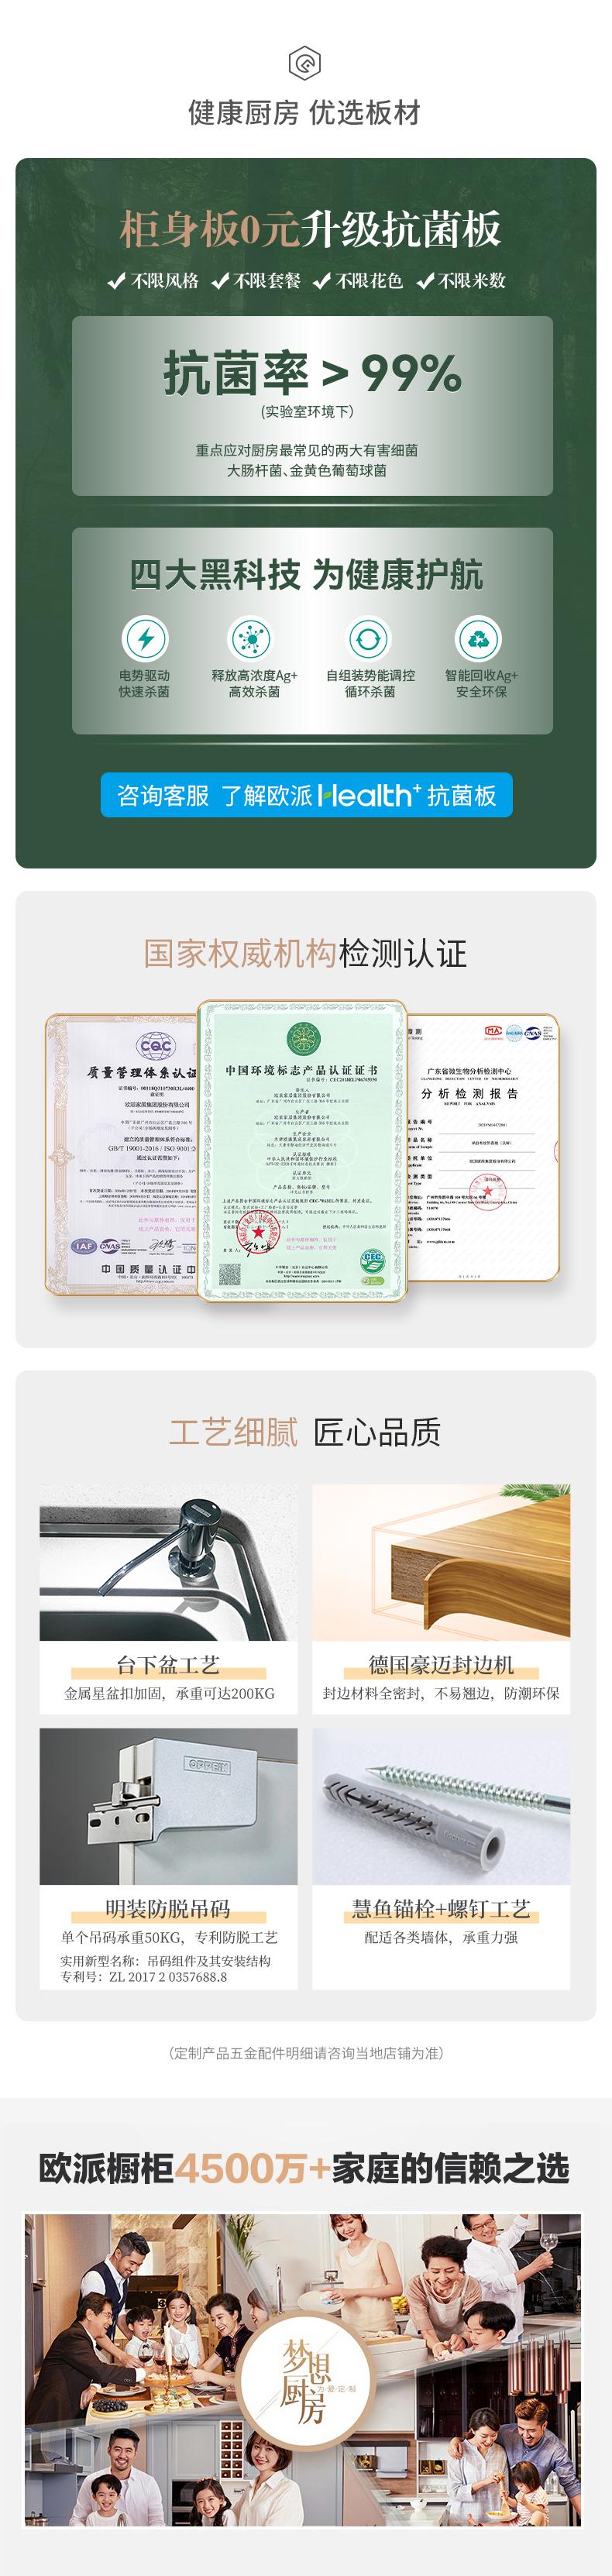 20210907-绿光森林橱柜15800详情页_06.jpg